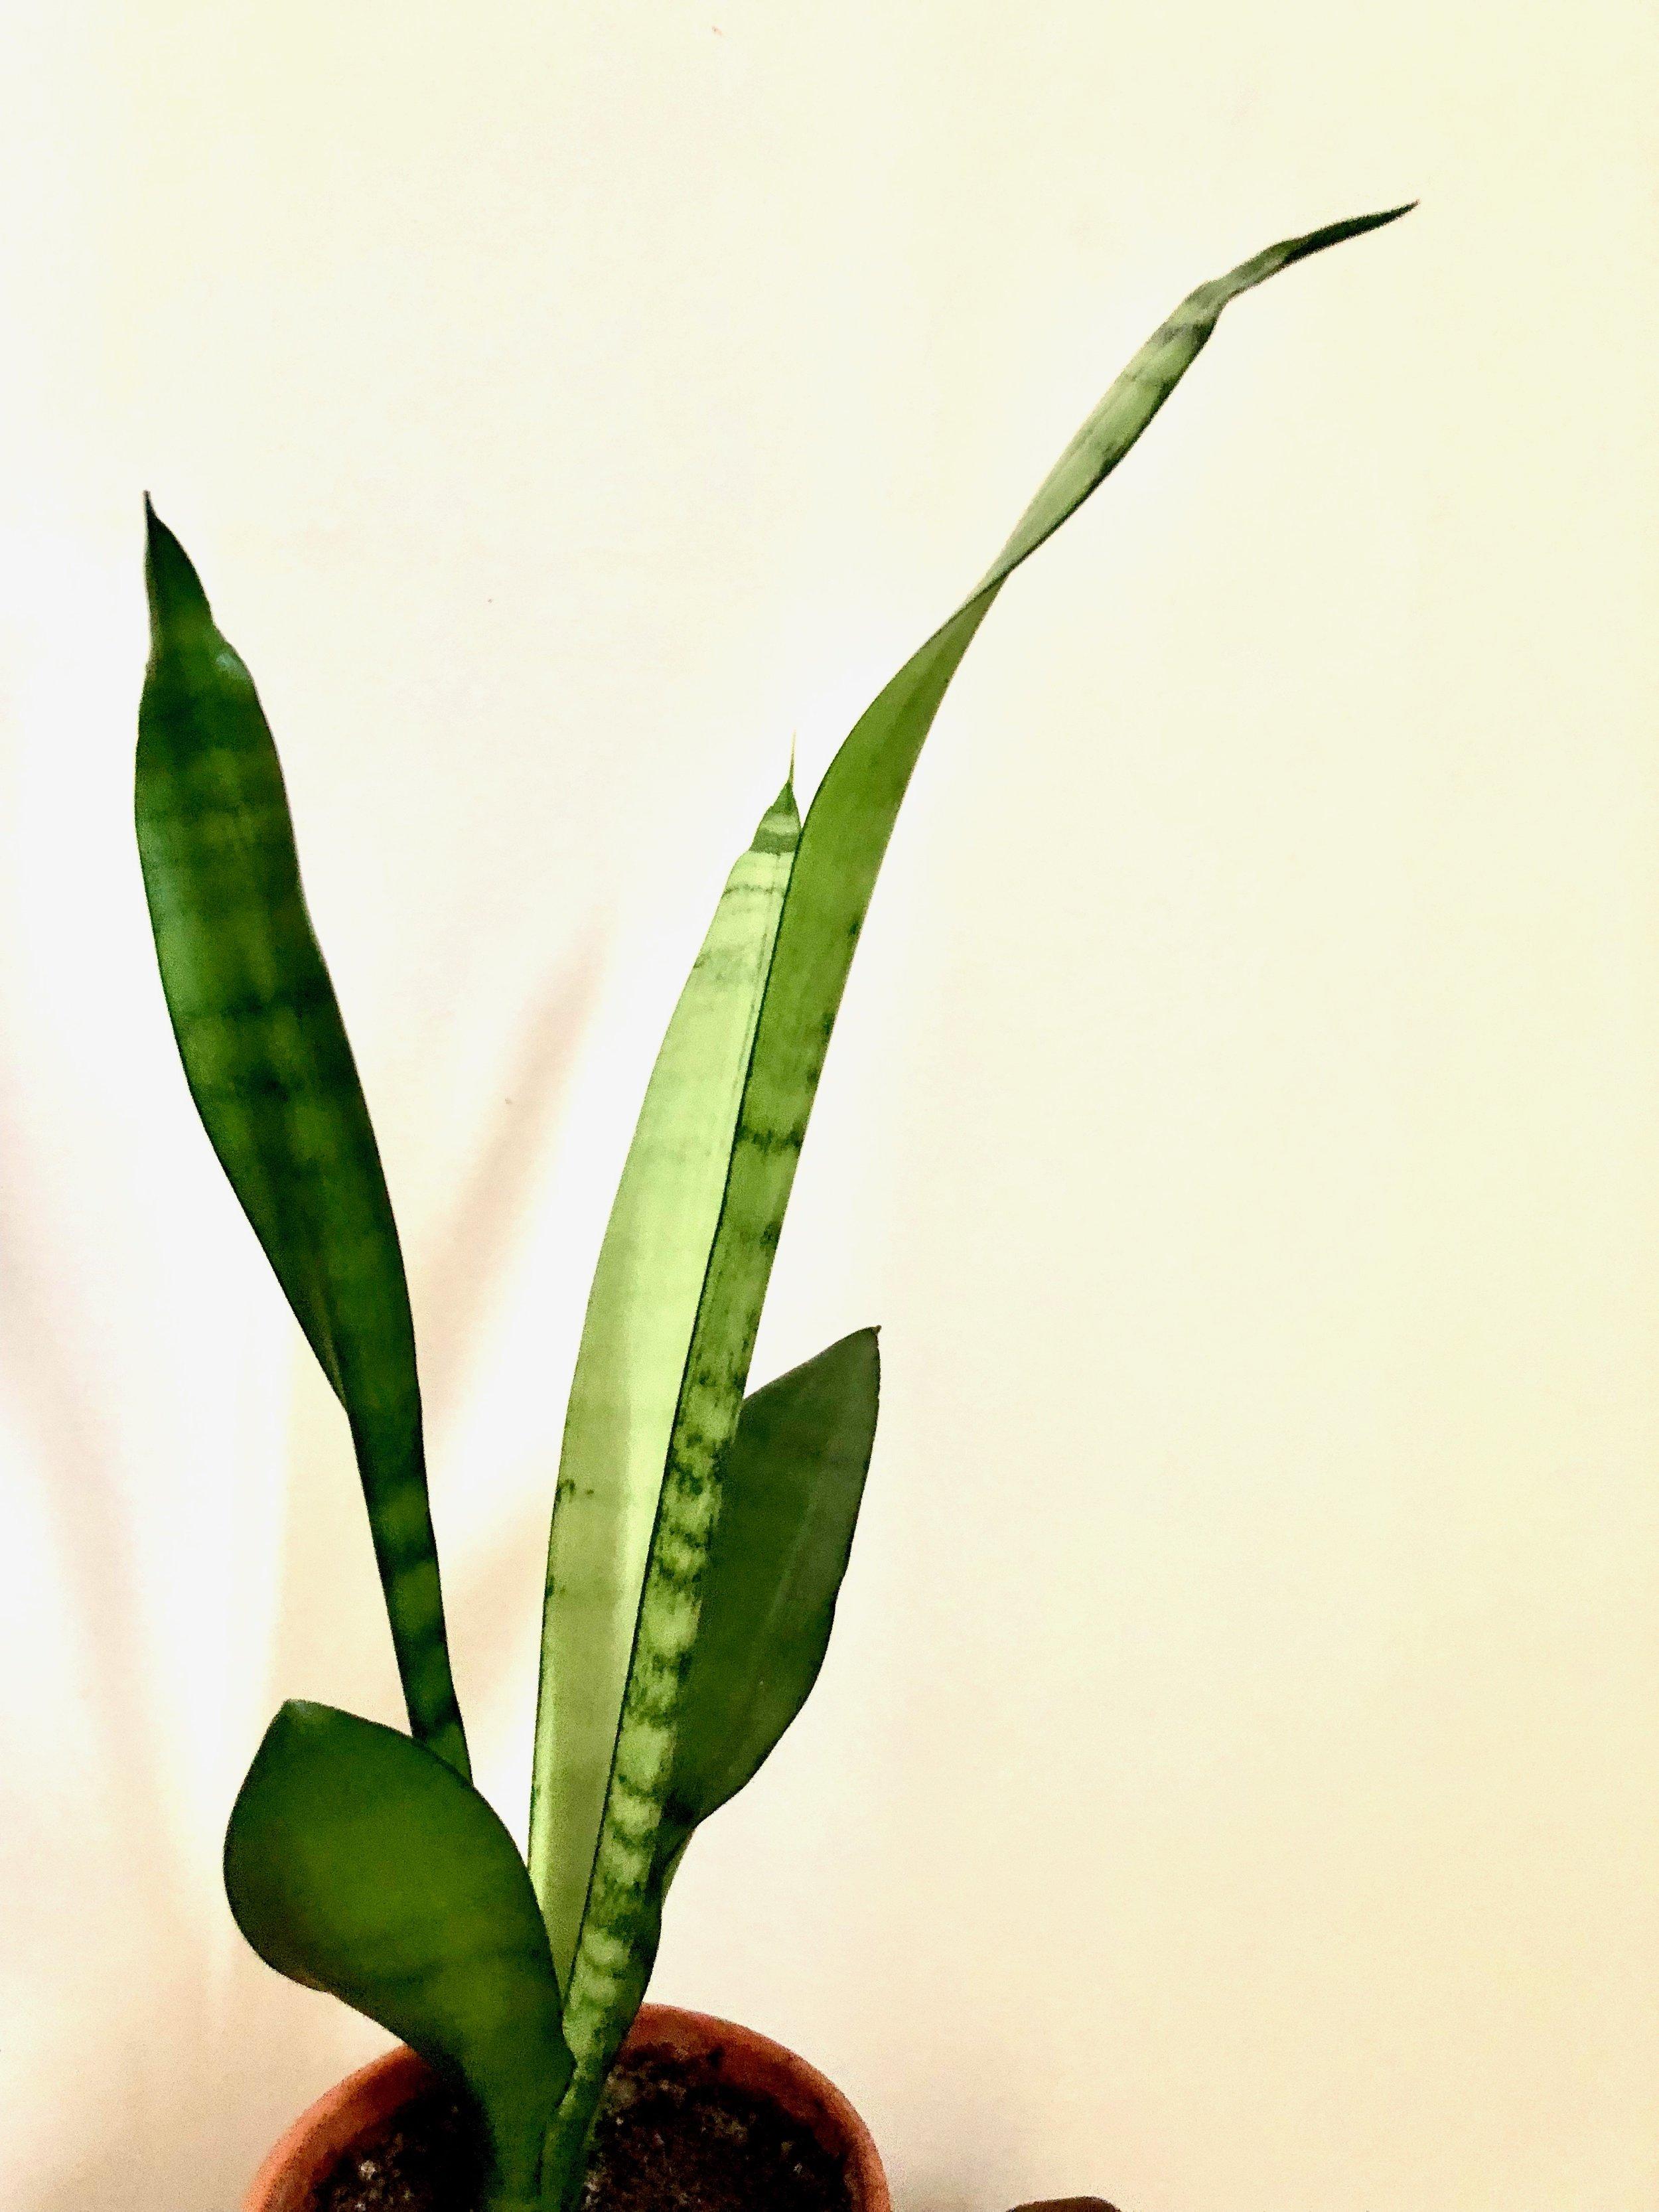 Der findes mange slags Sansevaria. Denne her er er købt på et plantemarked og er vist nok en Sansevaria trifasciata 'Robusta'.